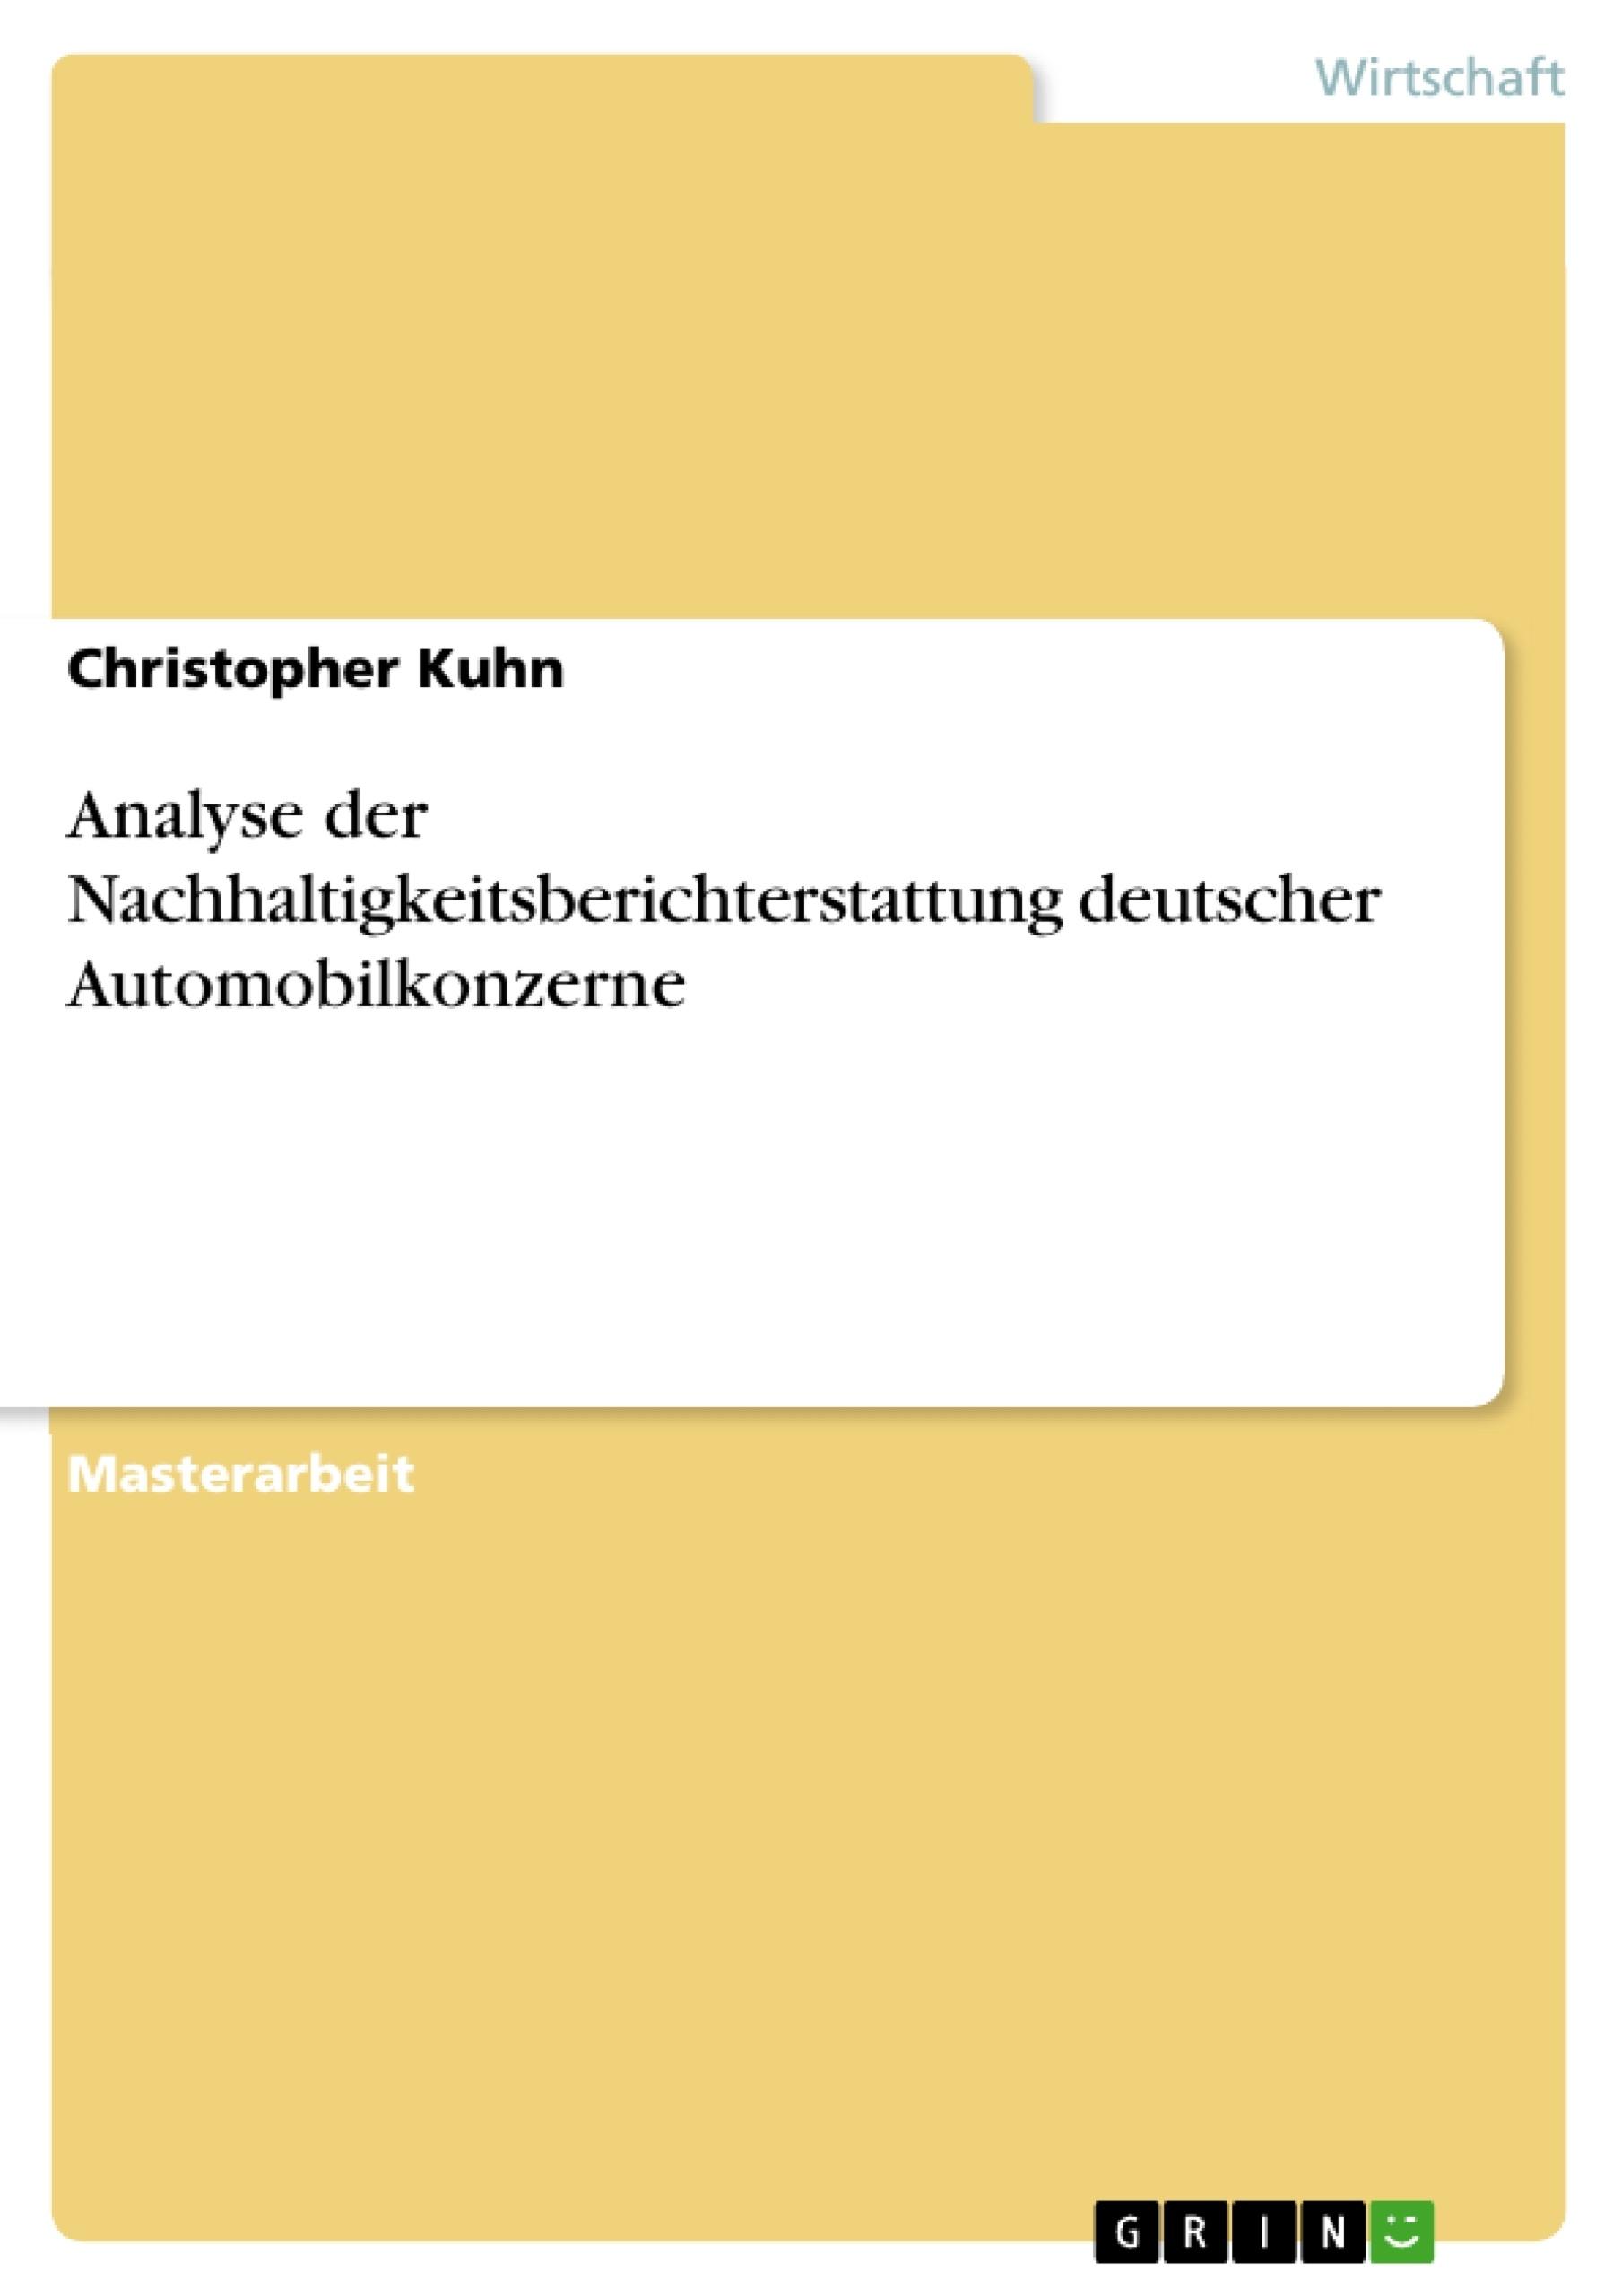 Titel: Analyse der Nachhaltigkeitsberichterstattung deutscher Automobilkonzerne